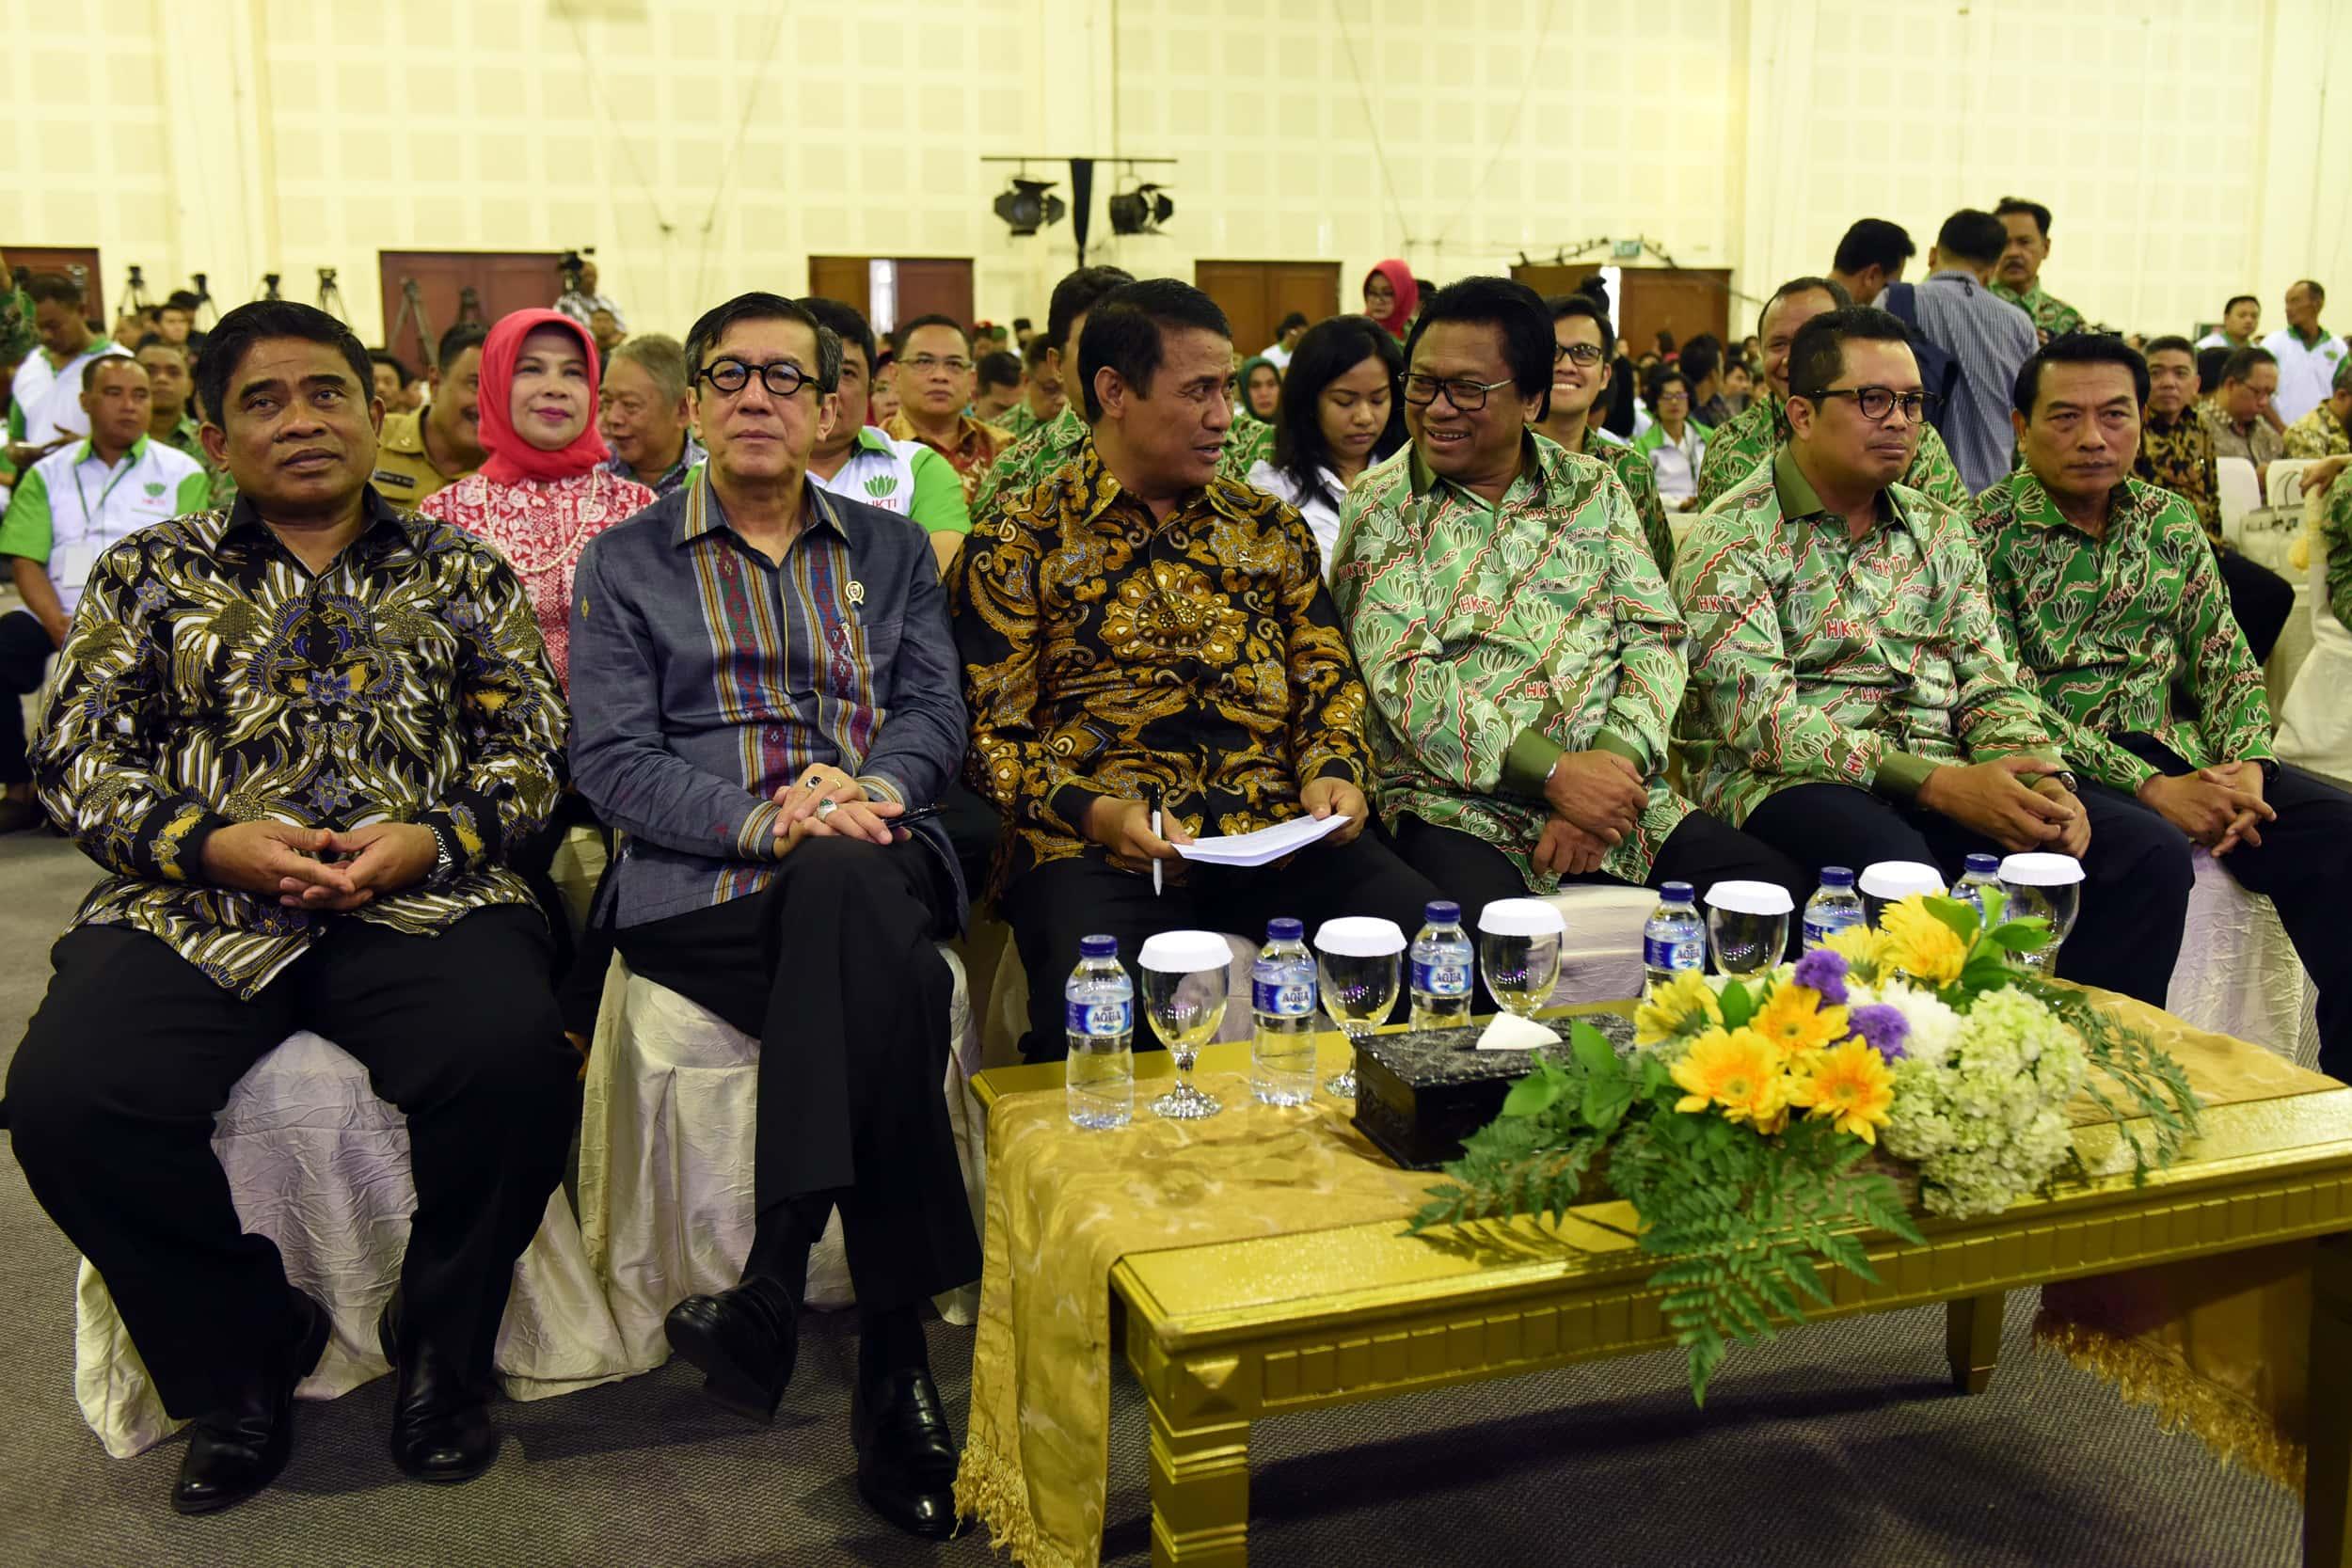 Menteri Pertanian dan para pejabat yang hadir dalam Silaturahmi dengan Para Peserta Rapat Pimpinan Nasional Himpunan Kerukunan Tani Indonesia (HKTI) Tahun 2017 di Hall Expo, Balai Kartini, Jakarta, Senin (10/4). (Foto: Humas/Rahmat)